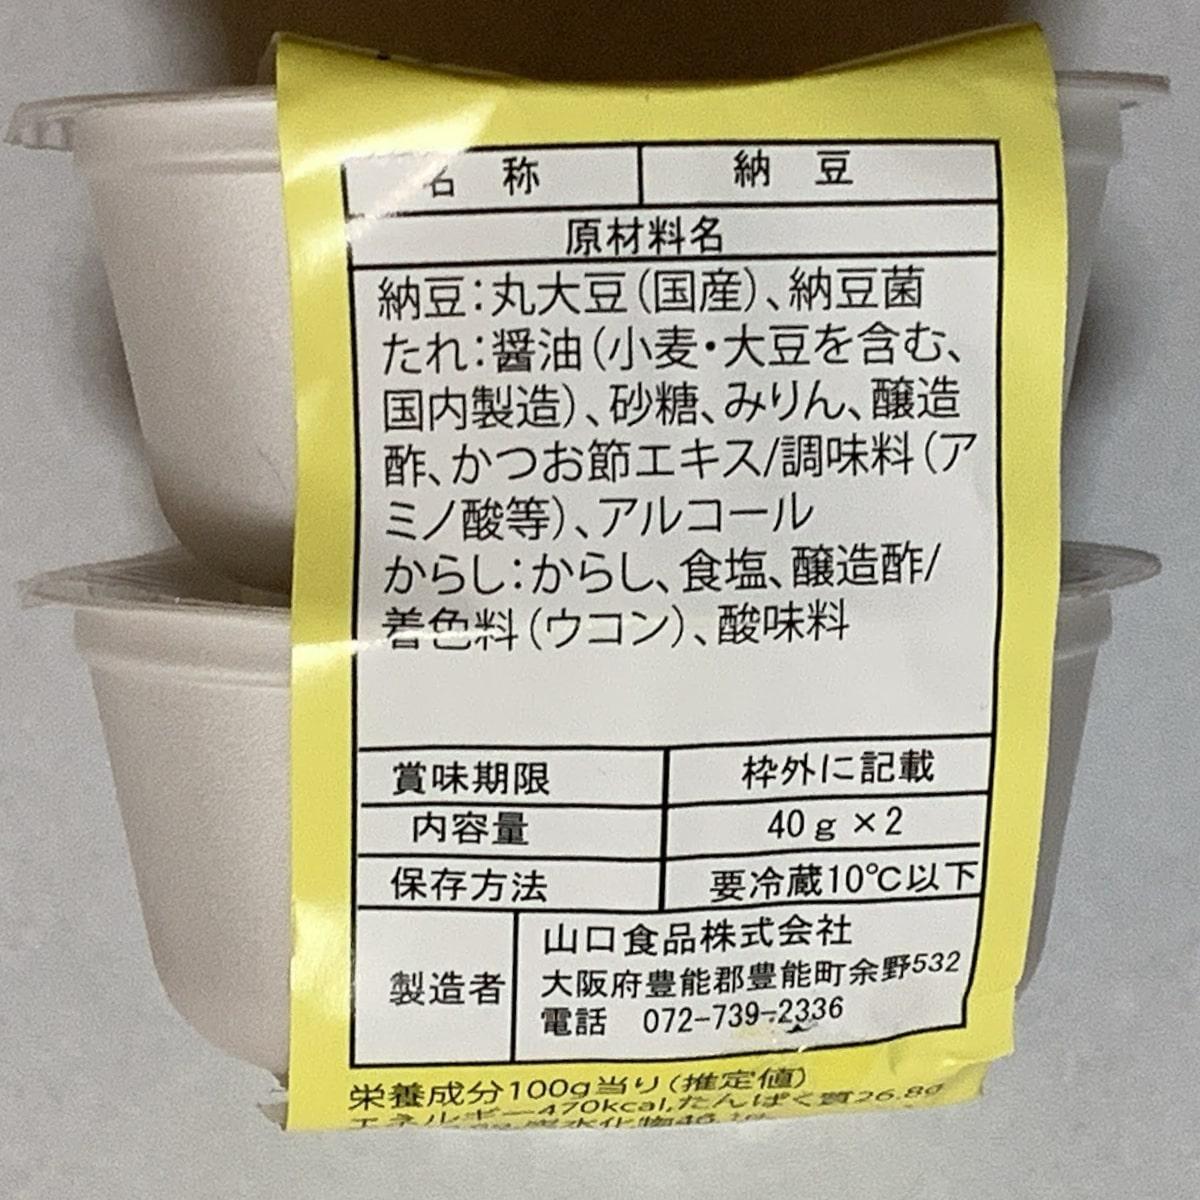 山口納豆「たれからし納豆」の材料名の画像